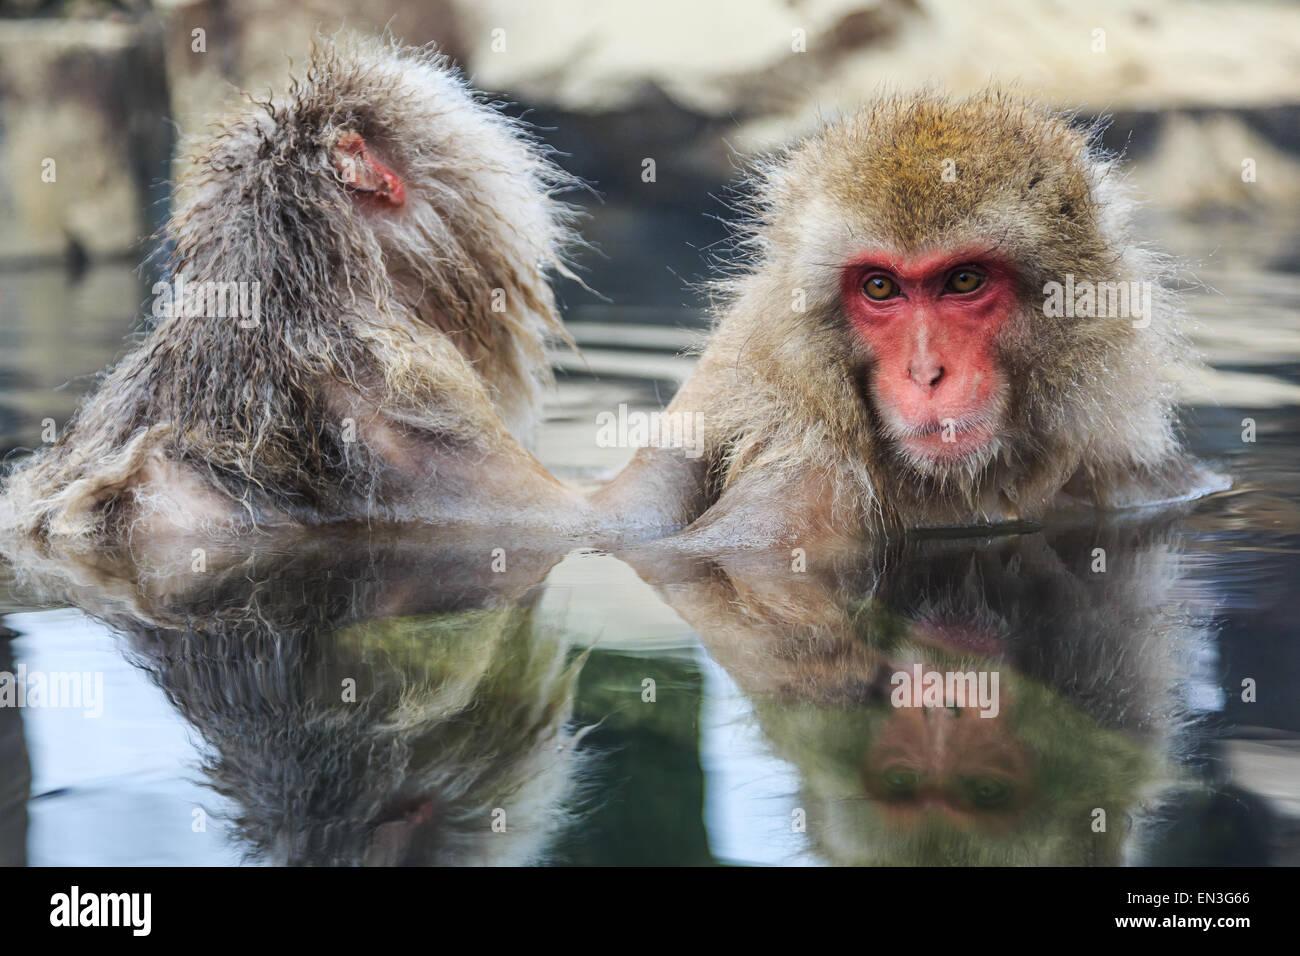 Neve le scimmie in una naturale onsen (primavera calda), situato nel Parco di Jigokudani, Yudanaka. Nagano in Giappone. Immagini Stock